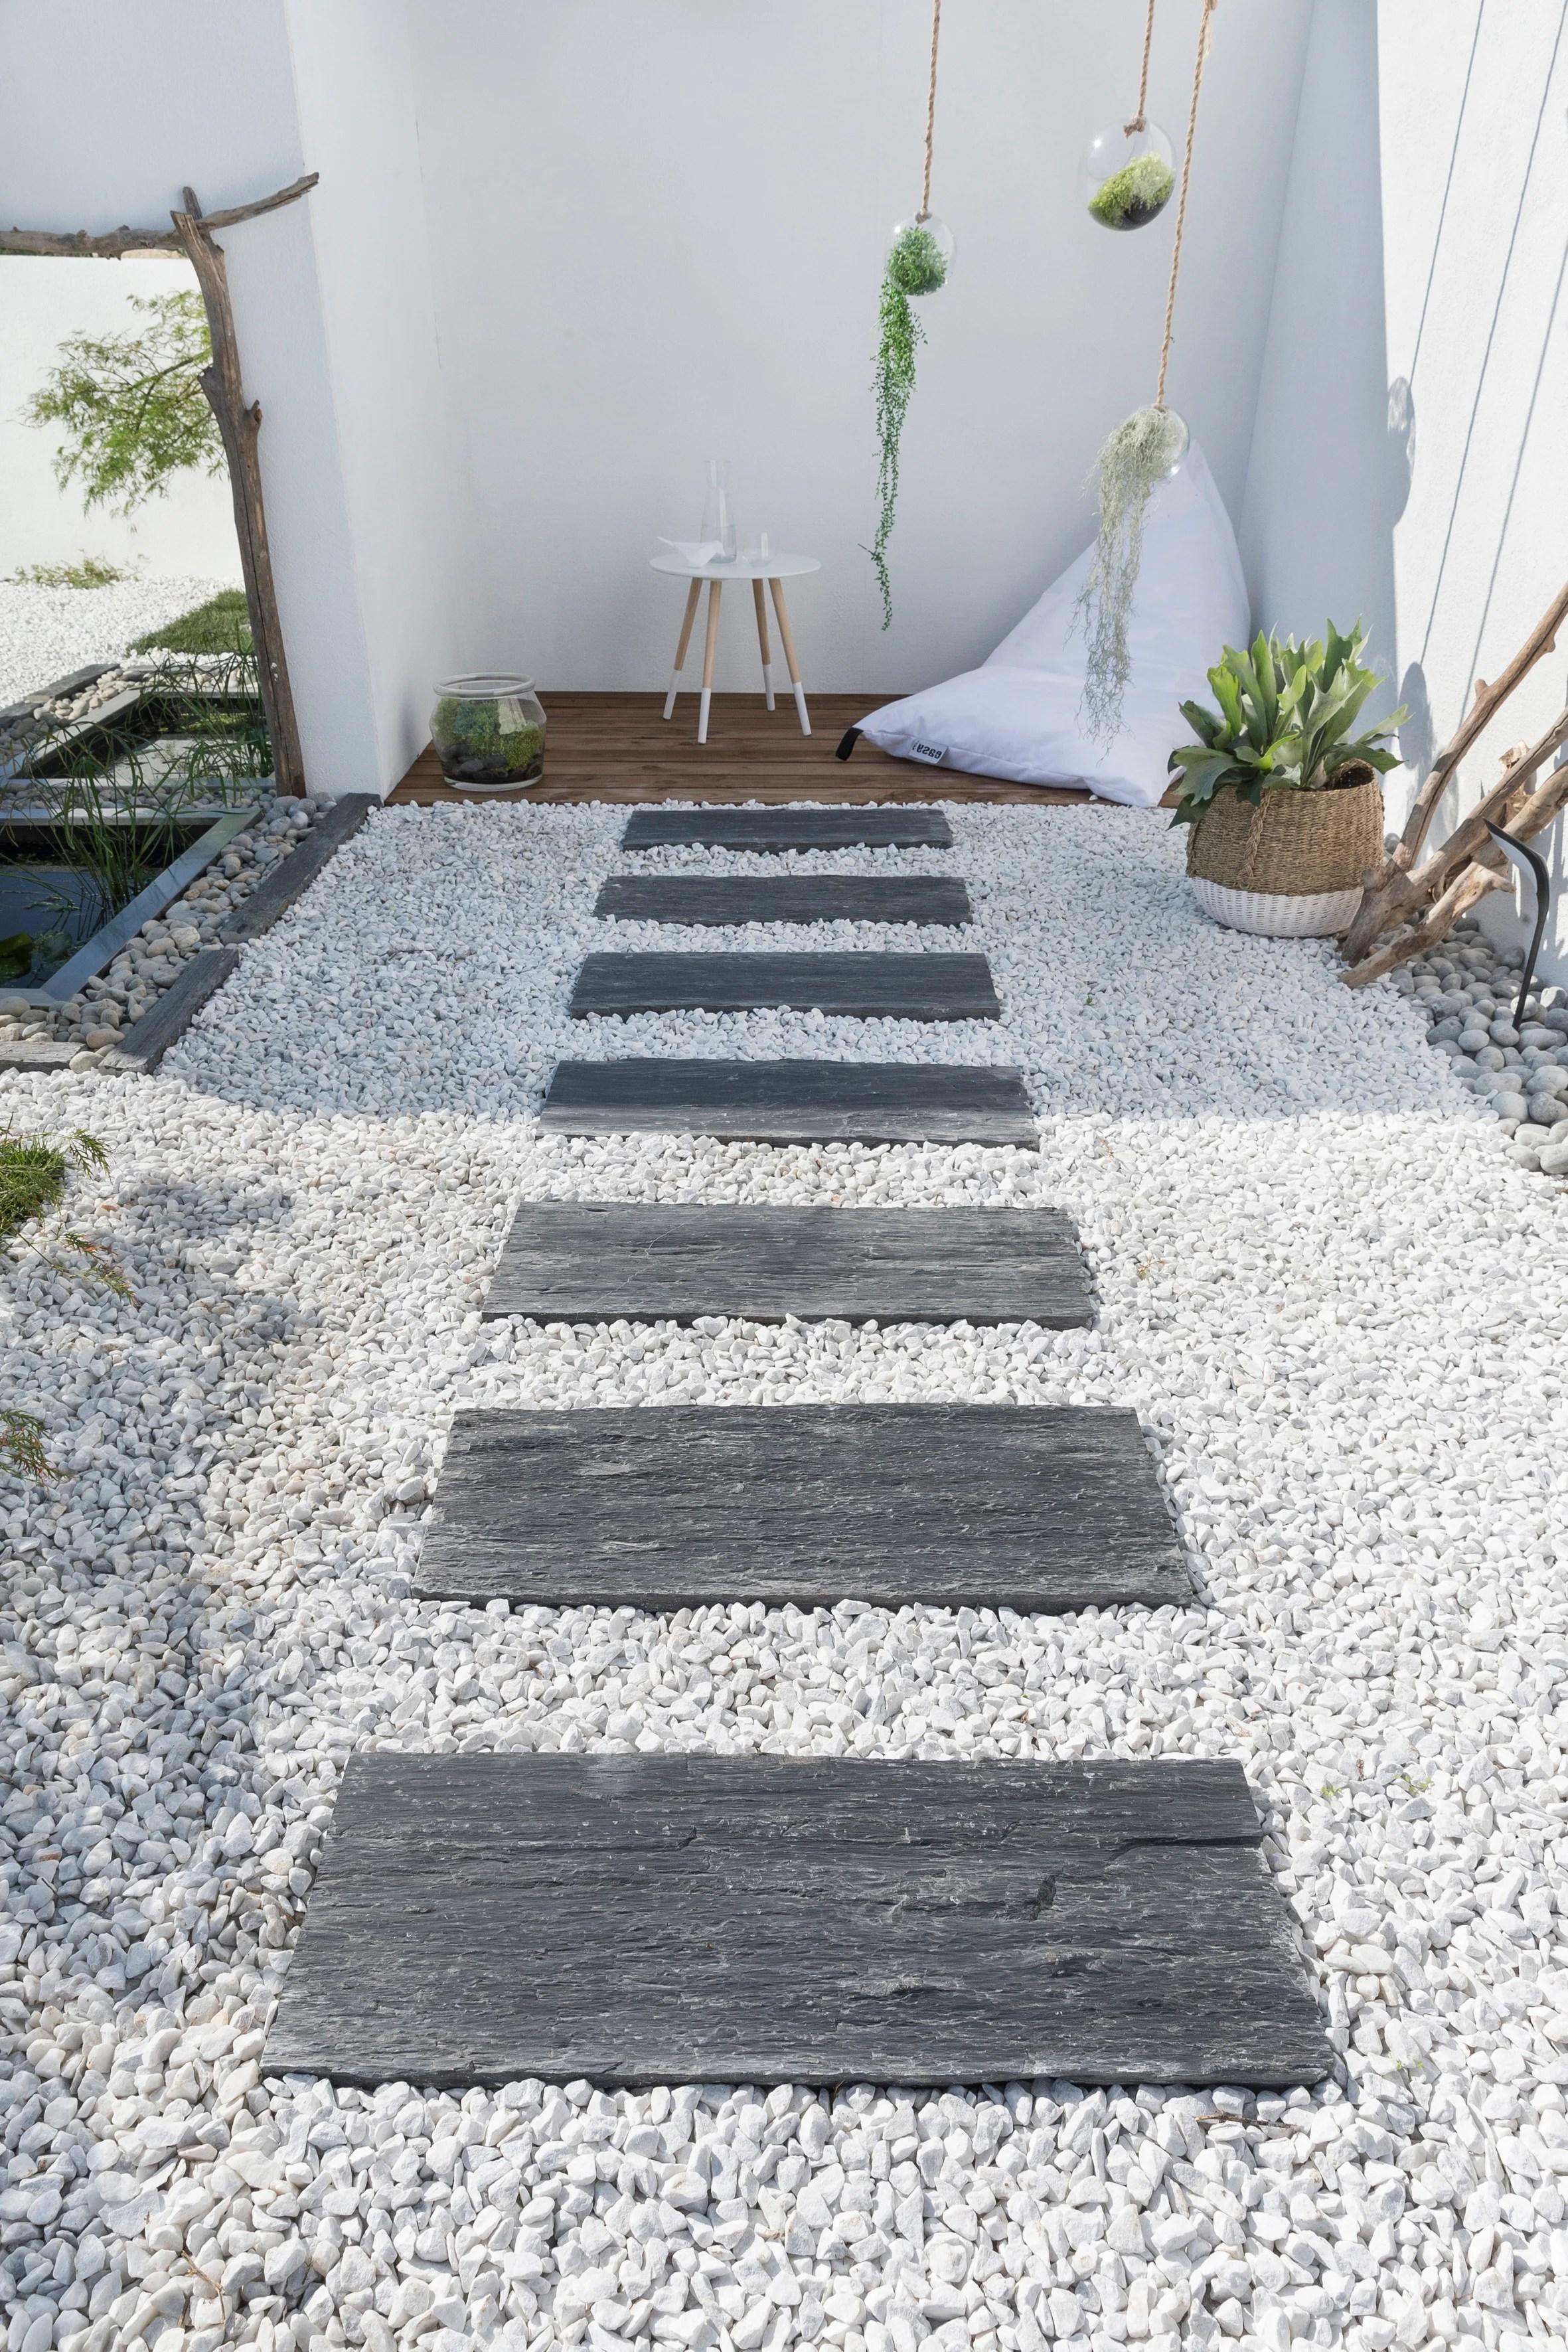 des allees inspirees pour votre jardin